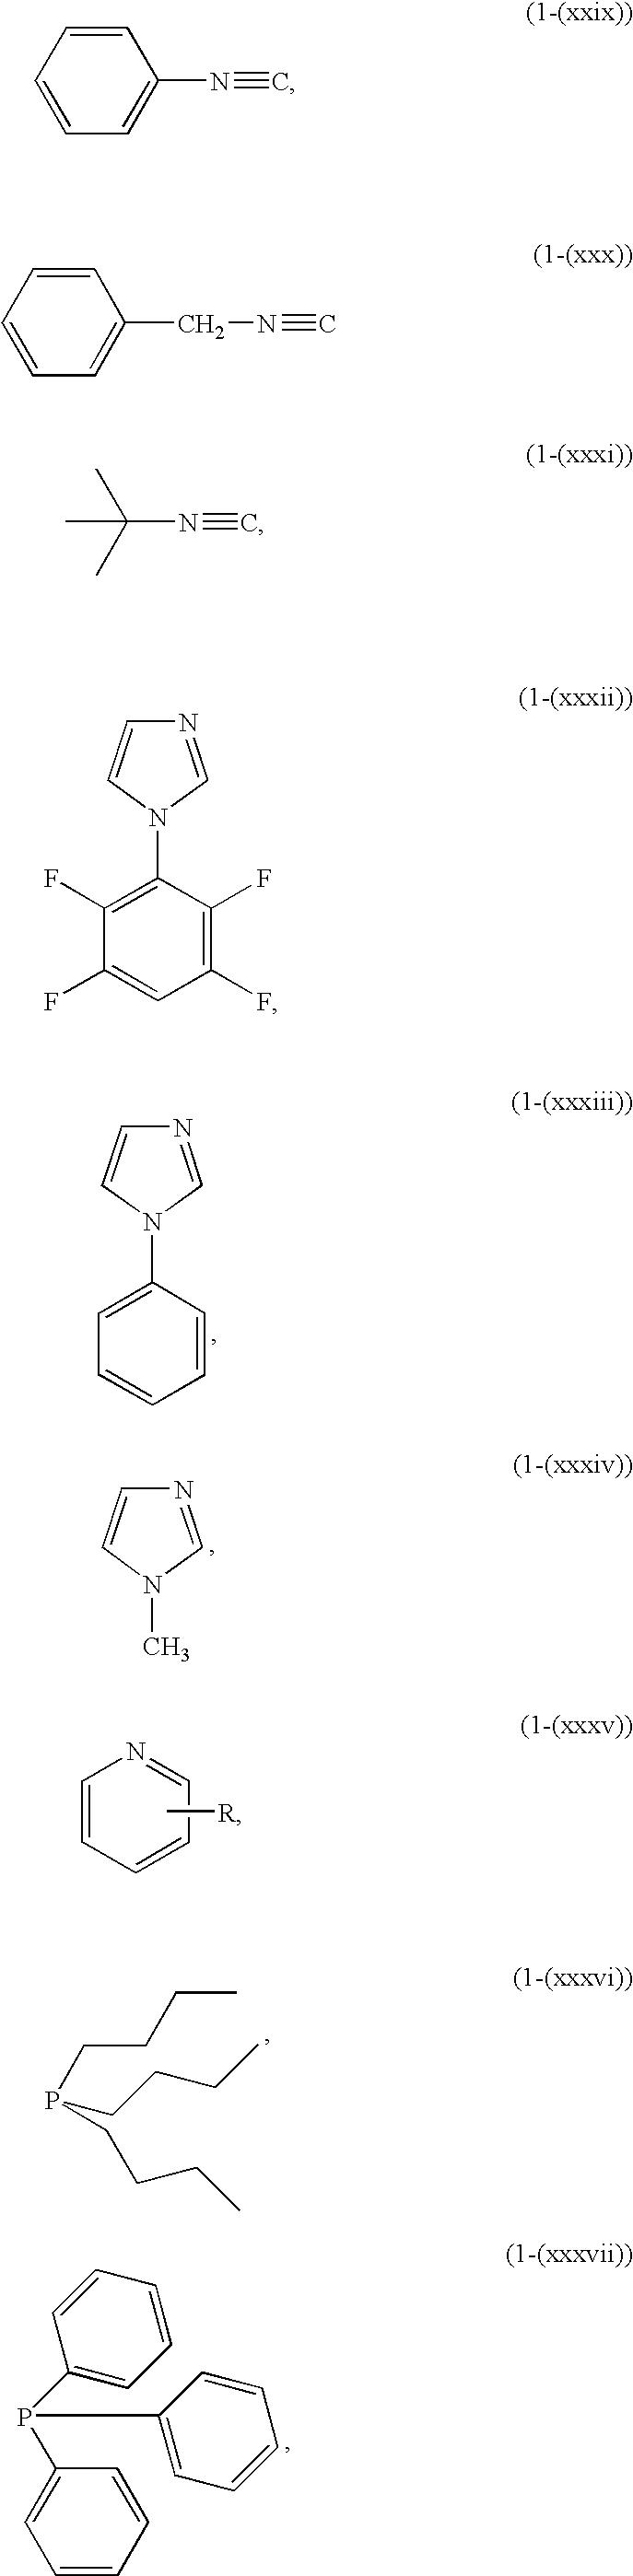 Figure US20060177695A1-20060810-C00011